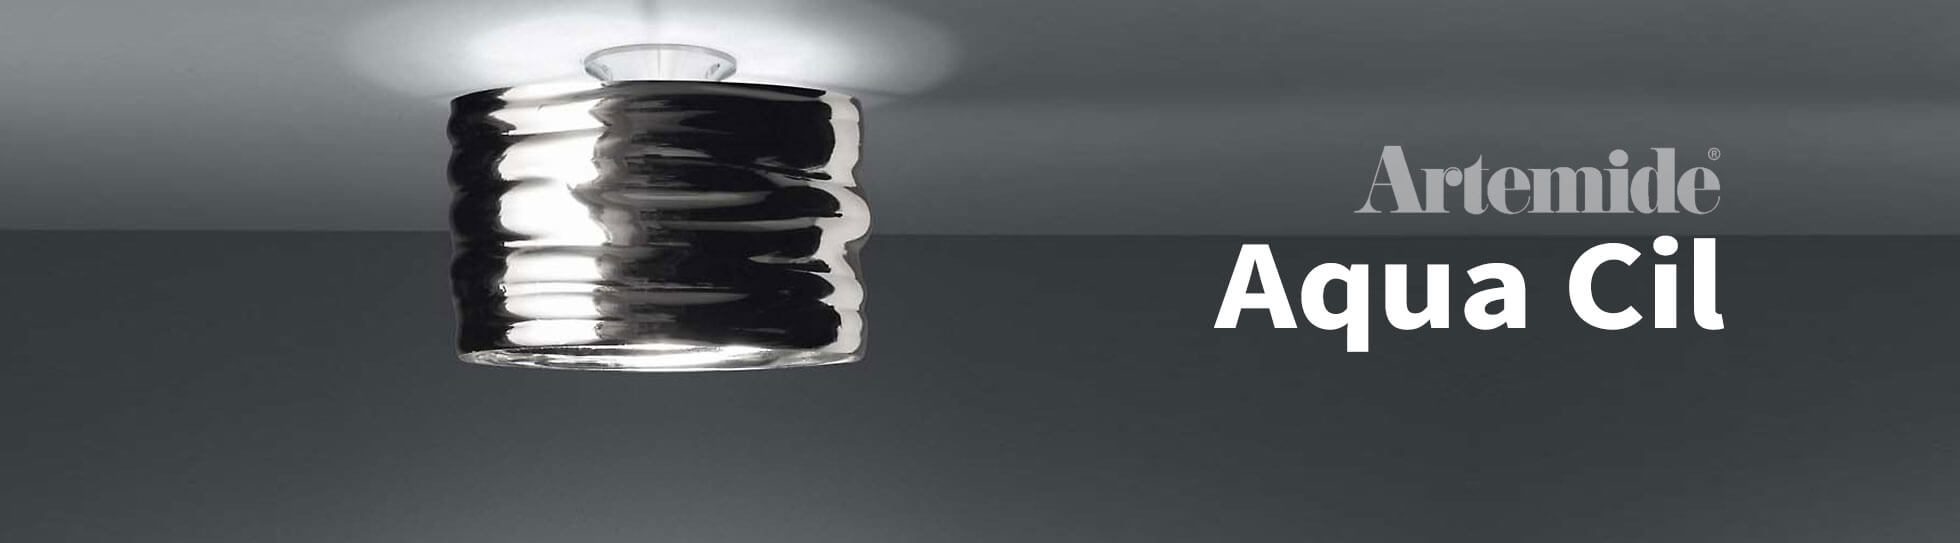 Artemide Aqua Cil